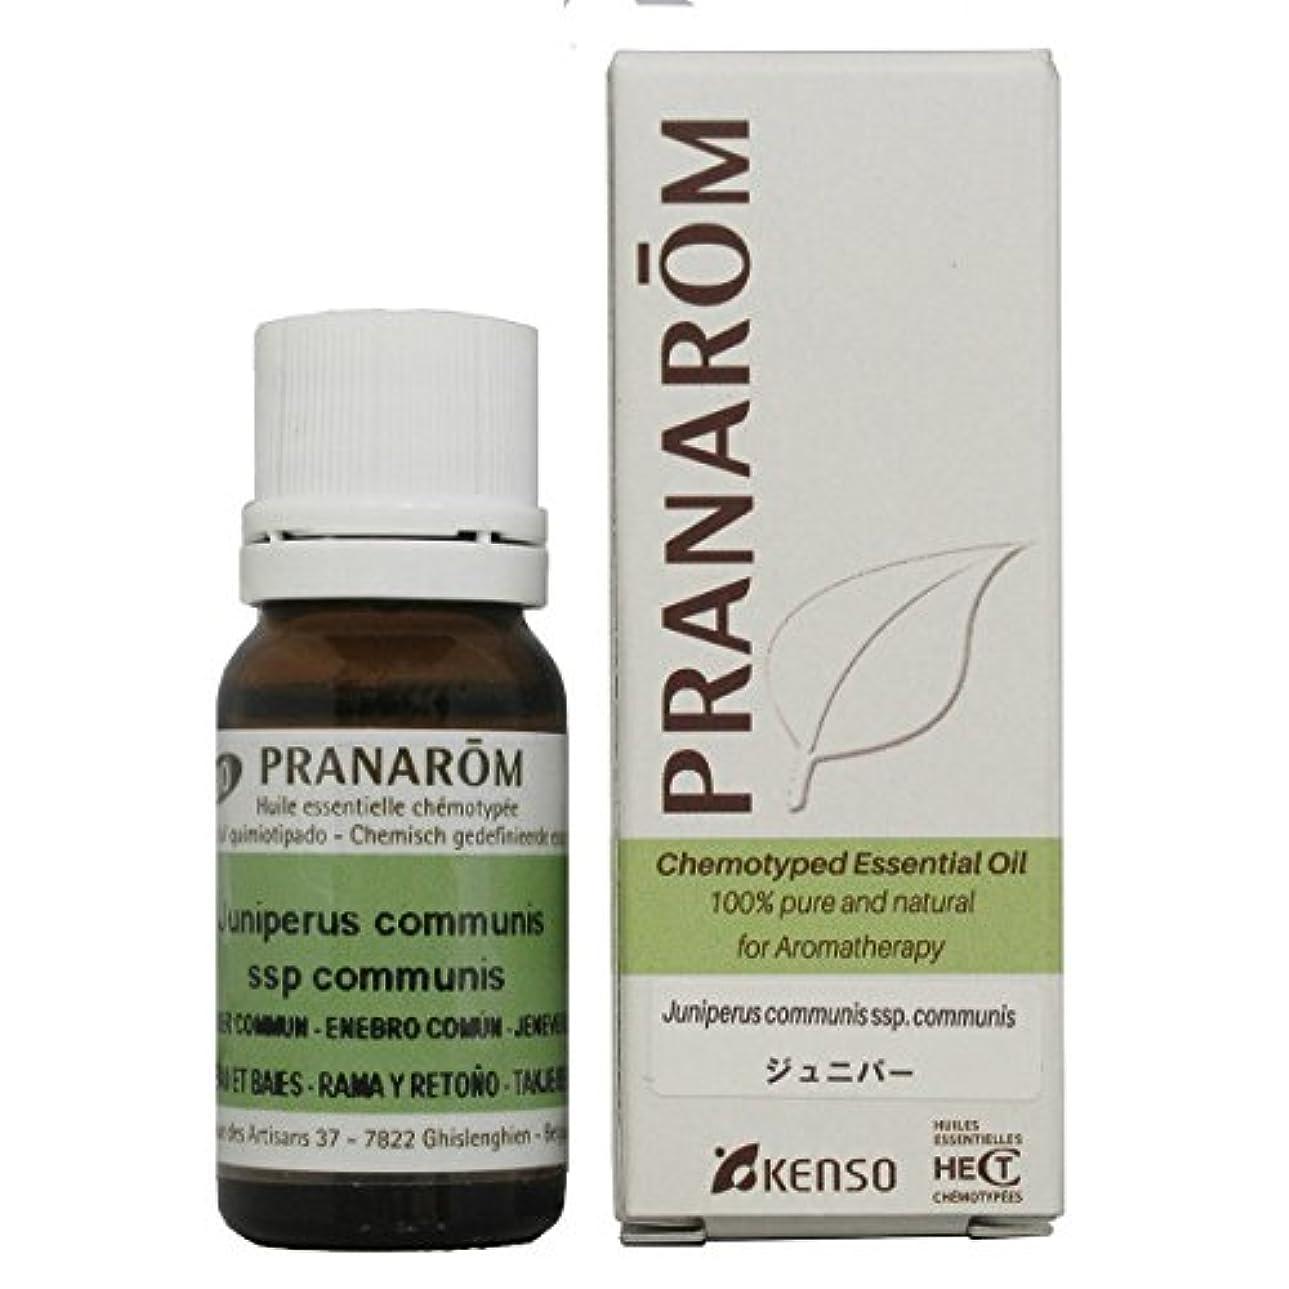 疲労偽レオナルドダプラナロム ジュニパー(葉枝) 10ml (PRANAROM ケモタイプ精油)